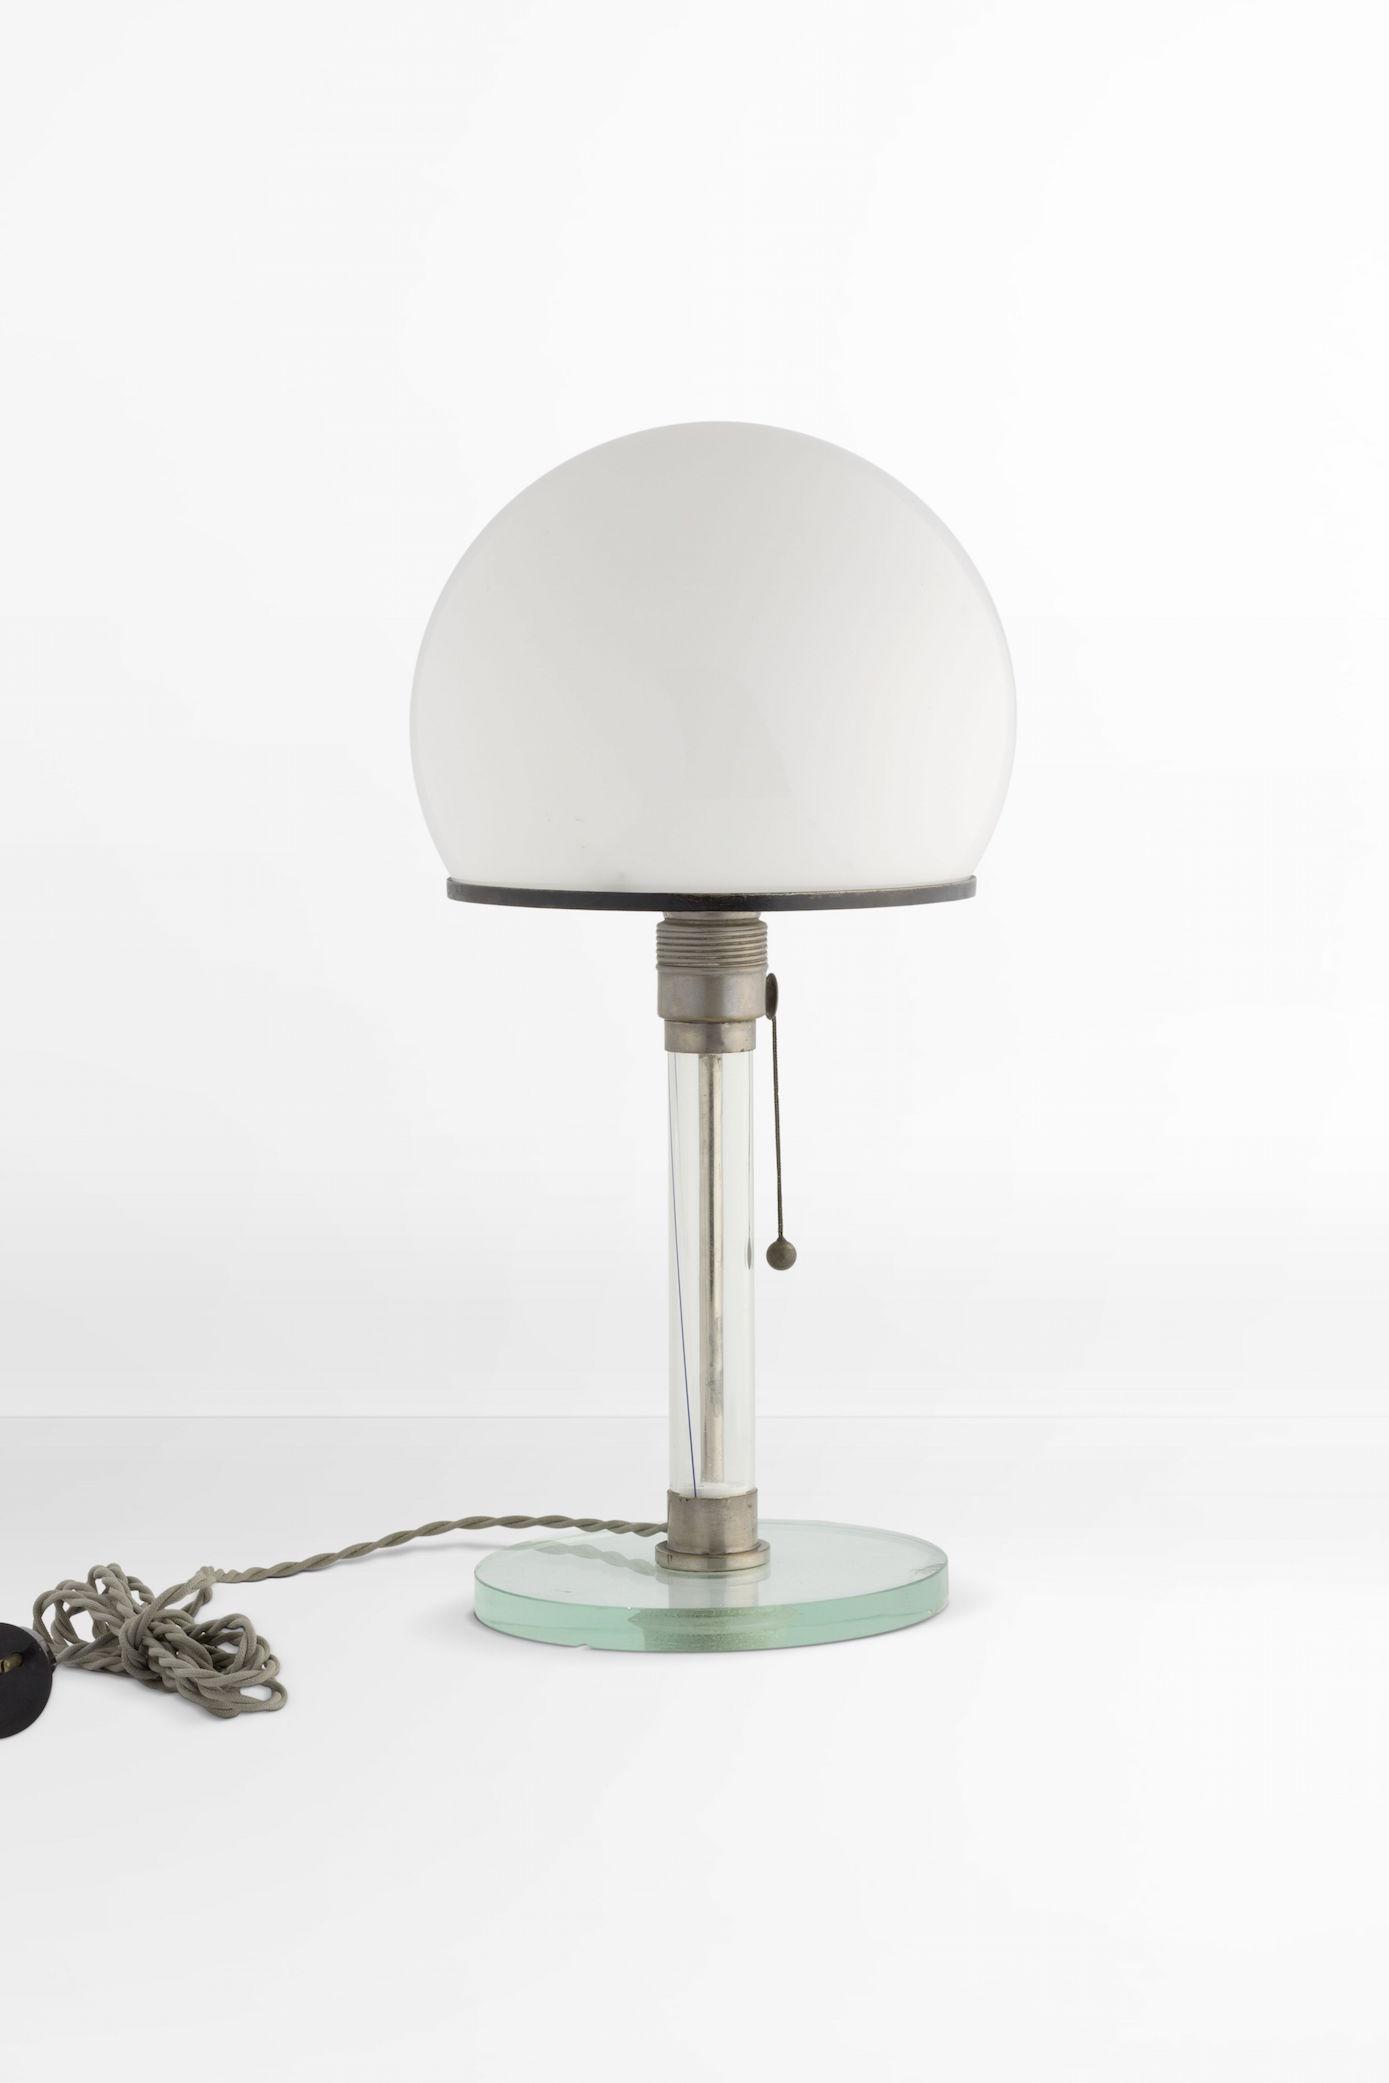 Wilhelm Wagenfeld, Carl Jakob Jucker, desk lamp ME 1 /MT 9, 1923/1924. 2015. © VG Bild-Kunst Bonn.